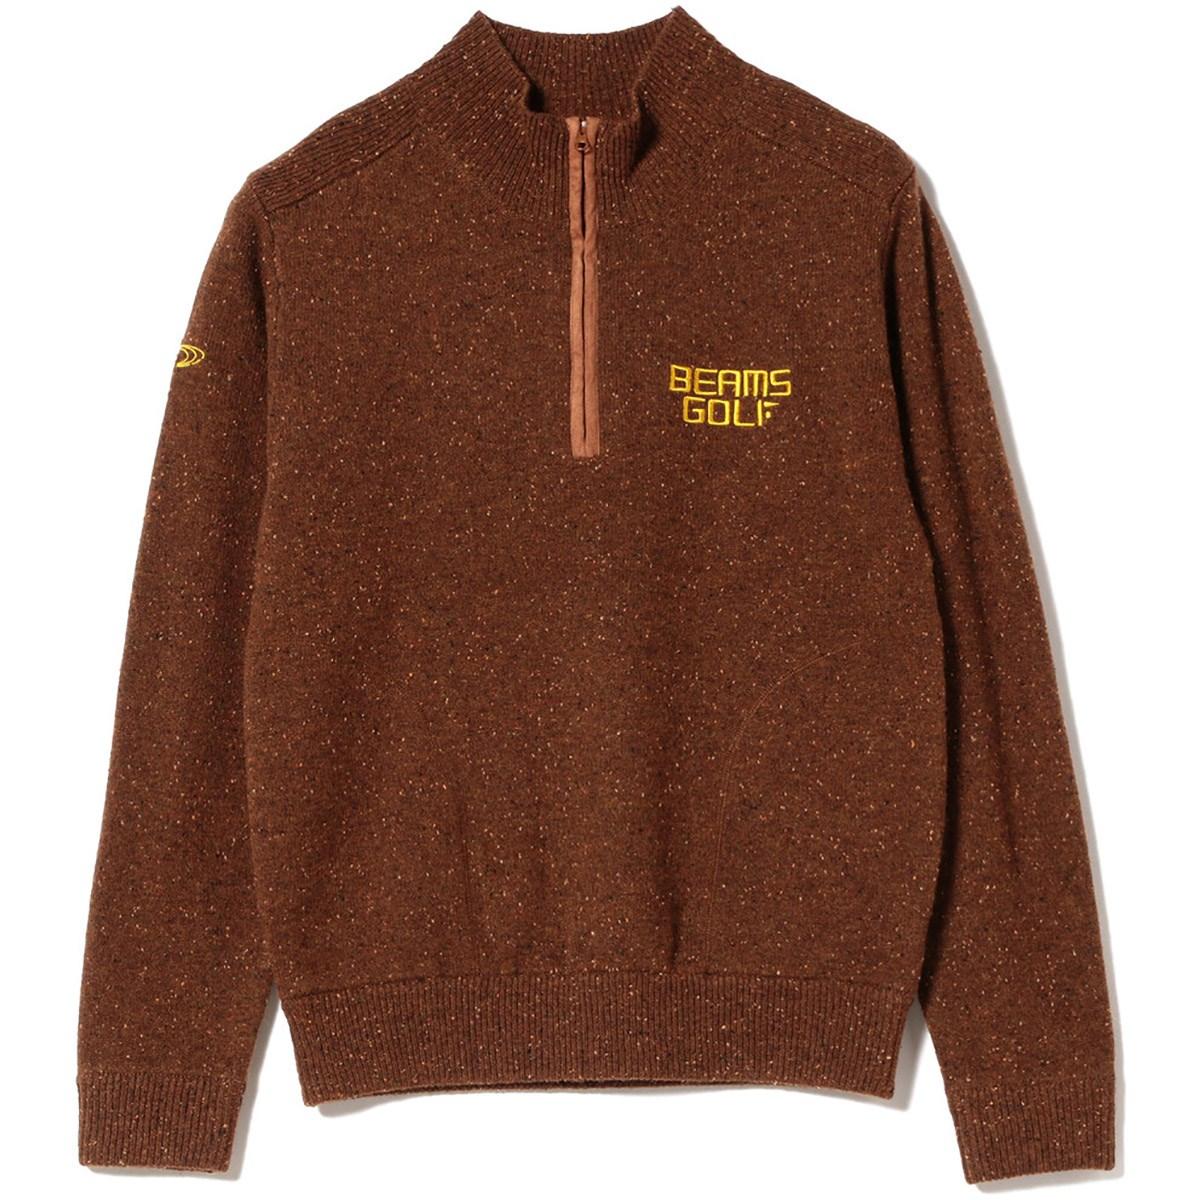 ビームスゴルフ BEAMS GOLF ORANGE LABEL カラー ネップ プルオーバー セーター